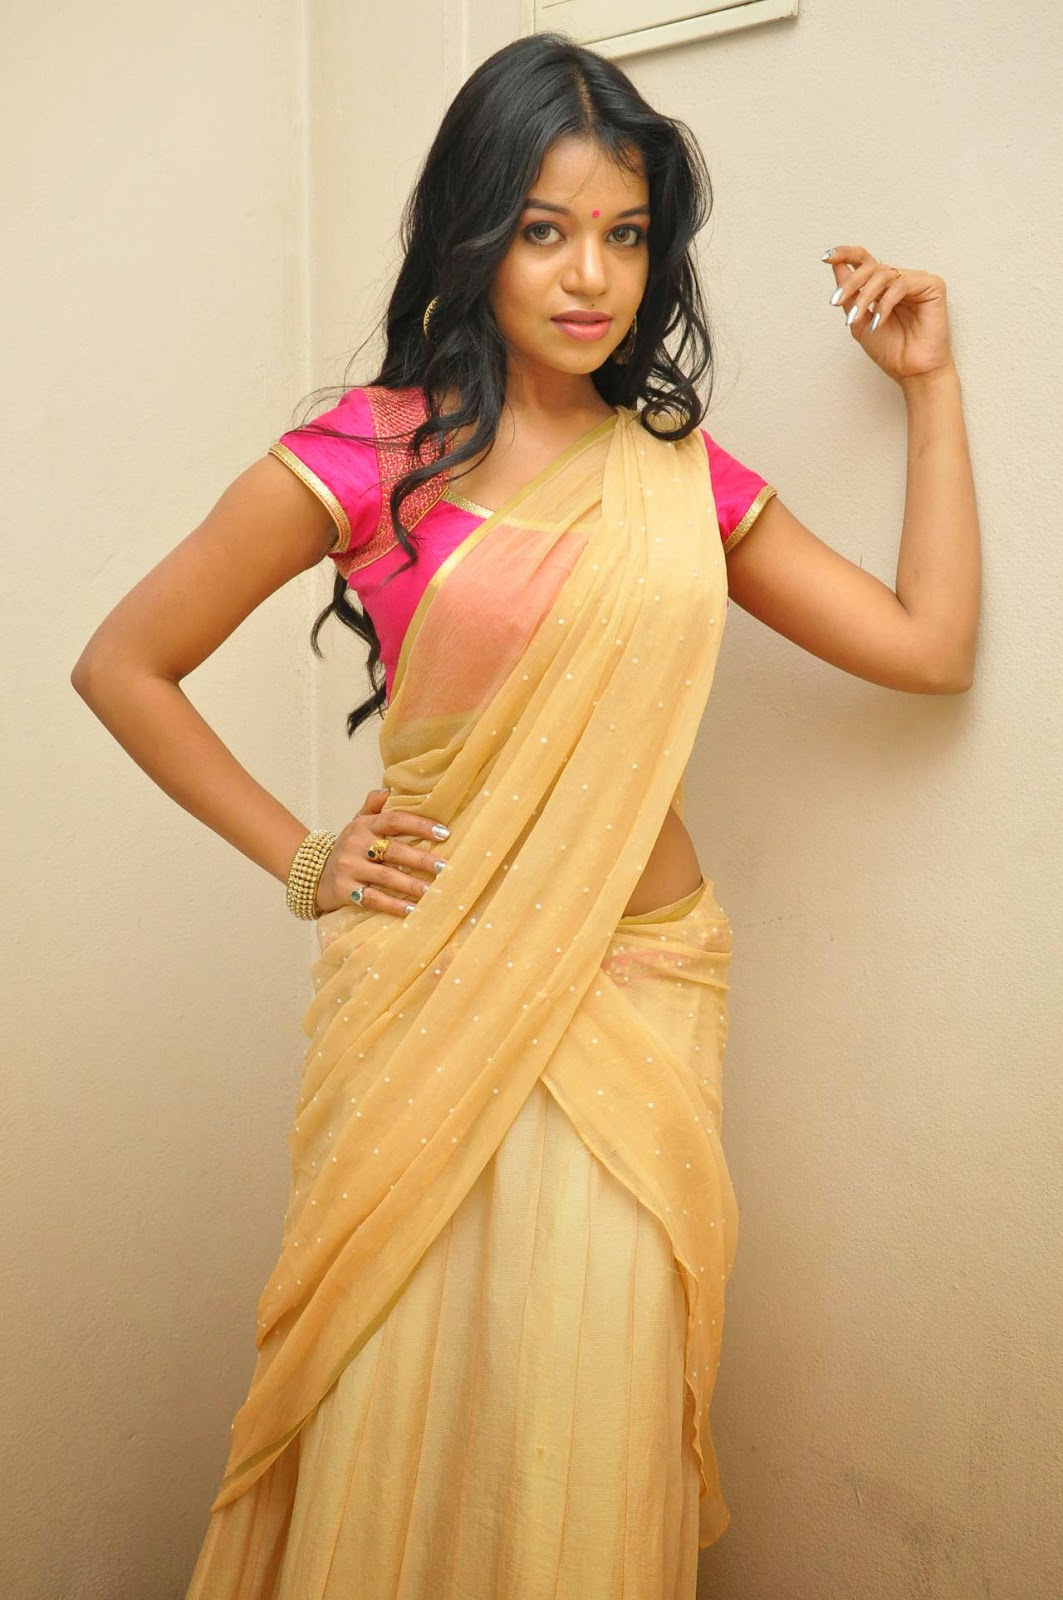 Bhavya sri glamorous photos-HQ-Photo-9